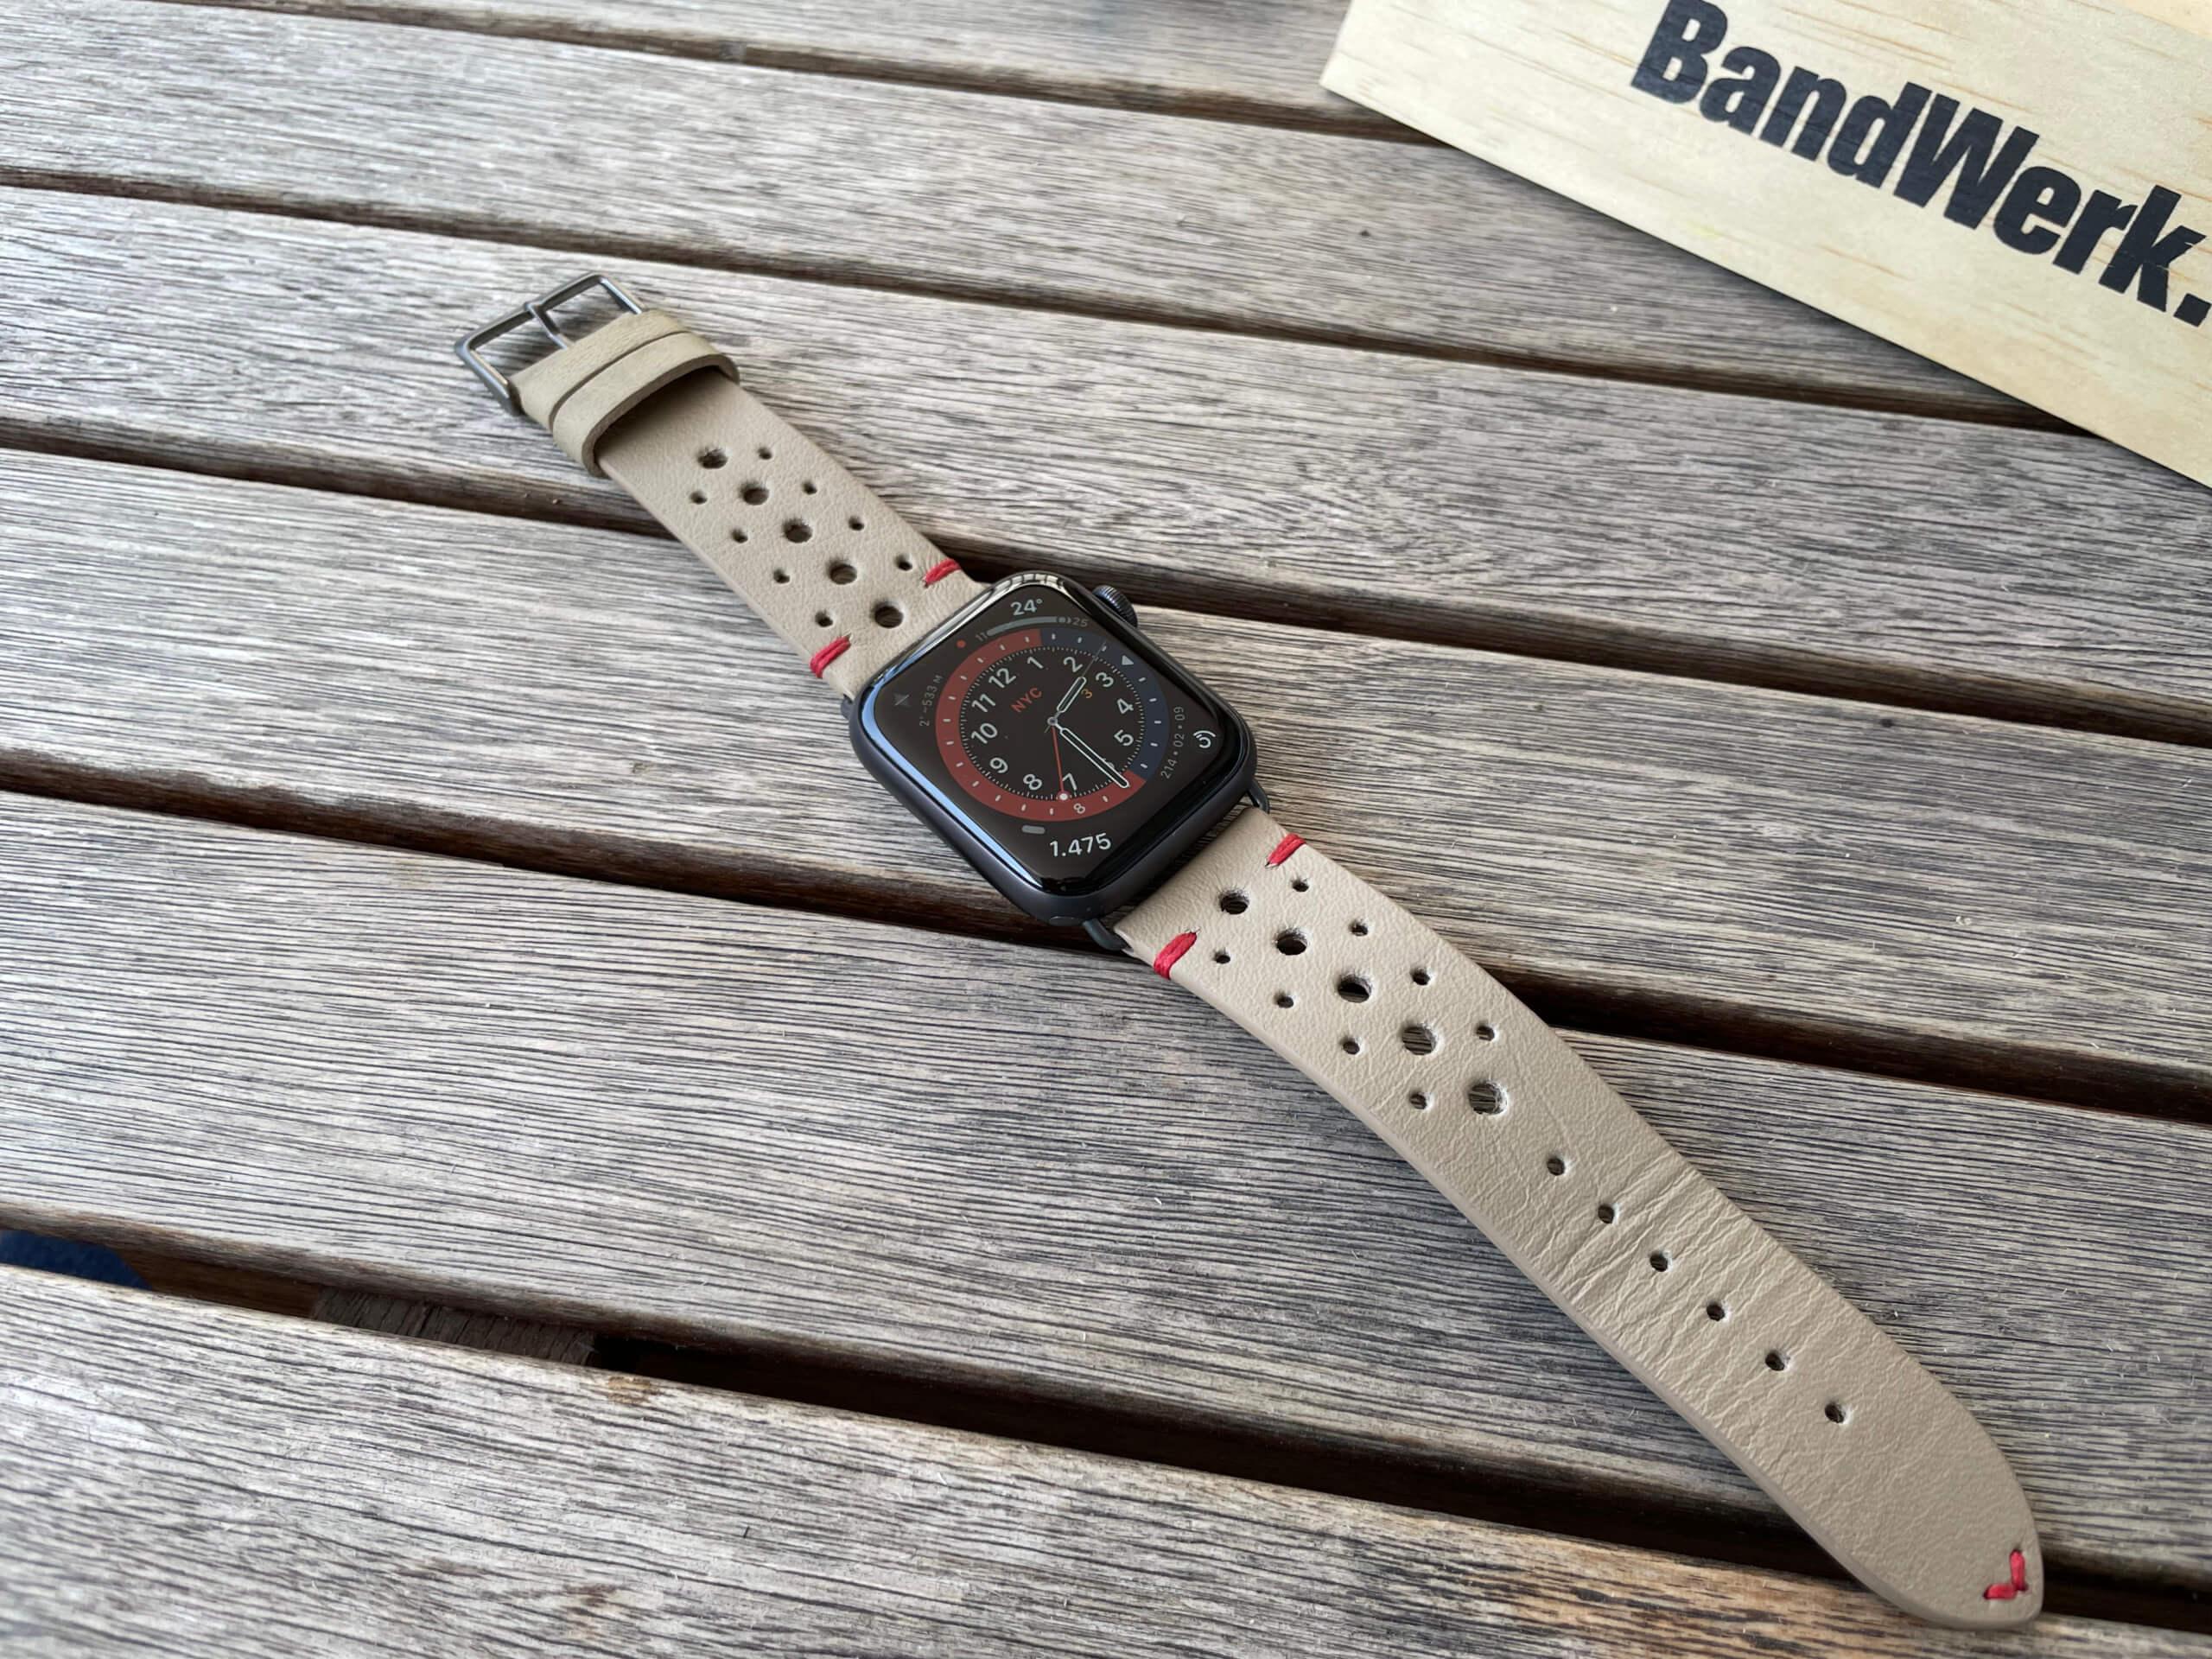 Das Design des Armbands kombiniert Vintage und Sportlichkeit.